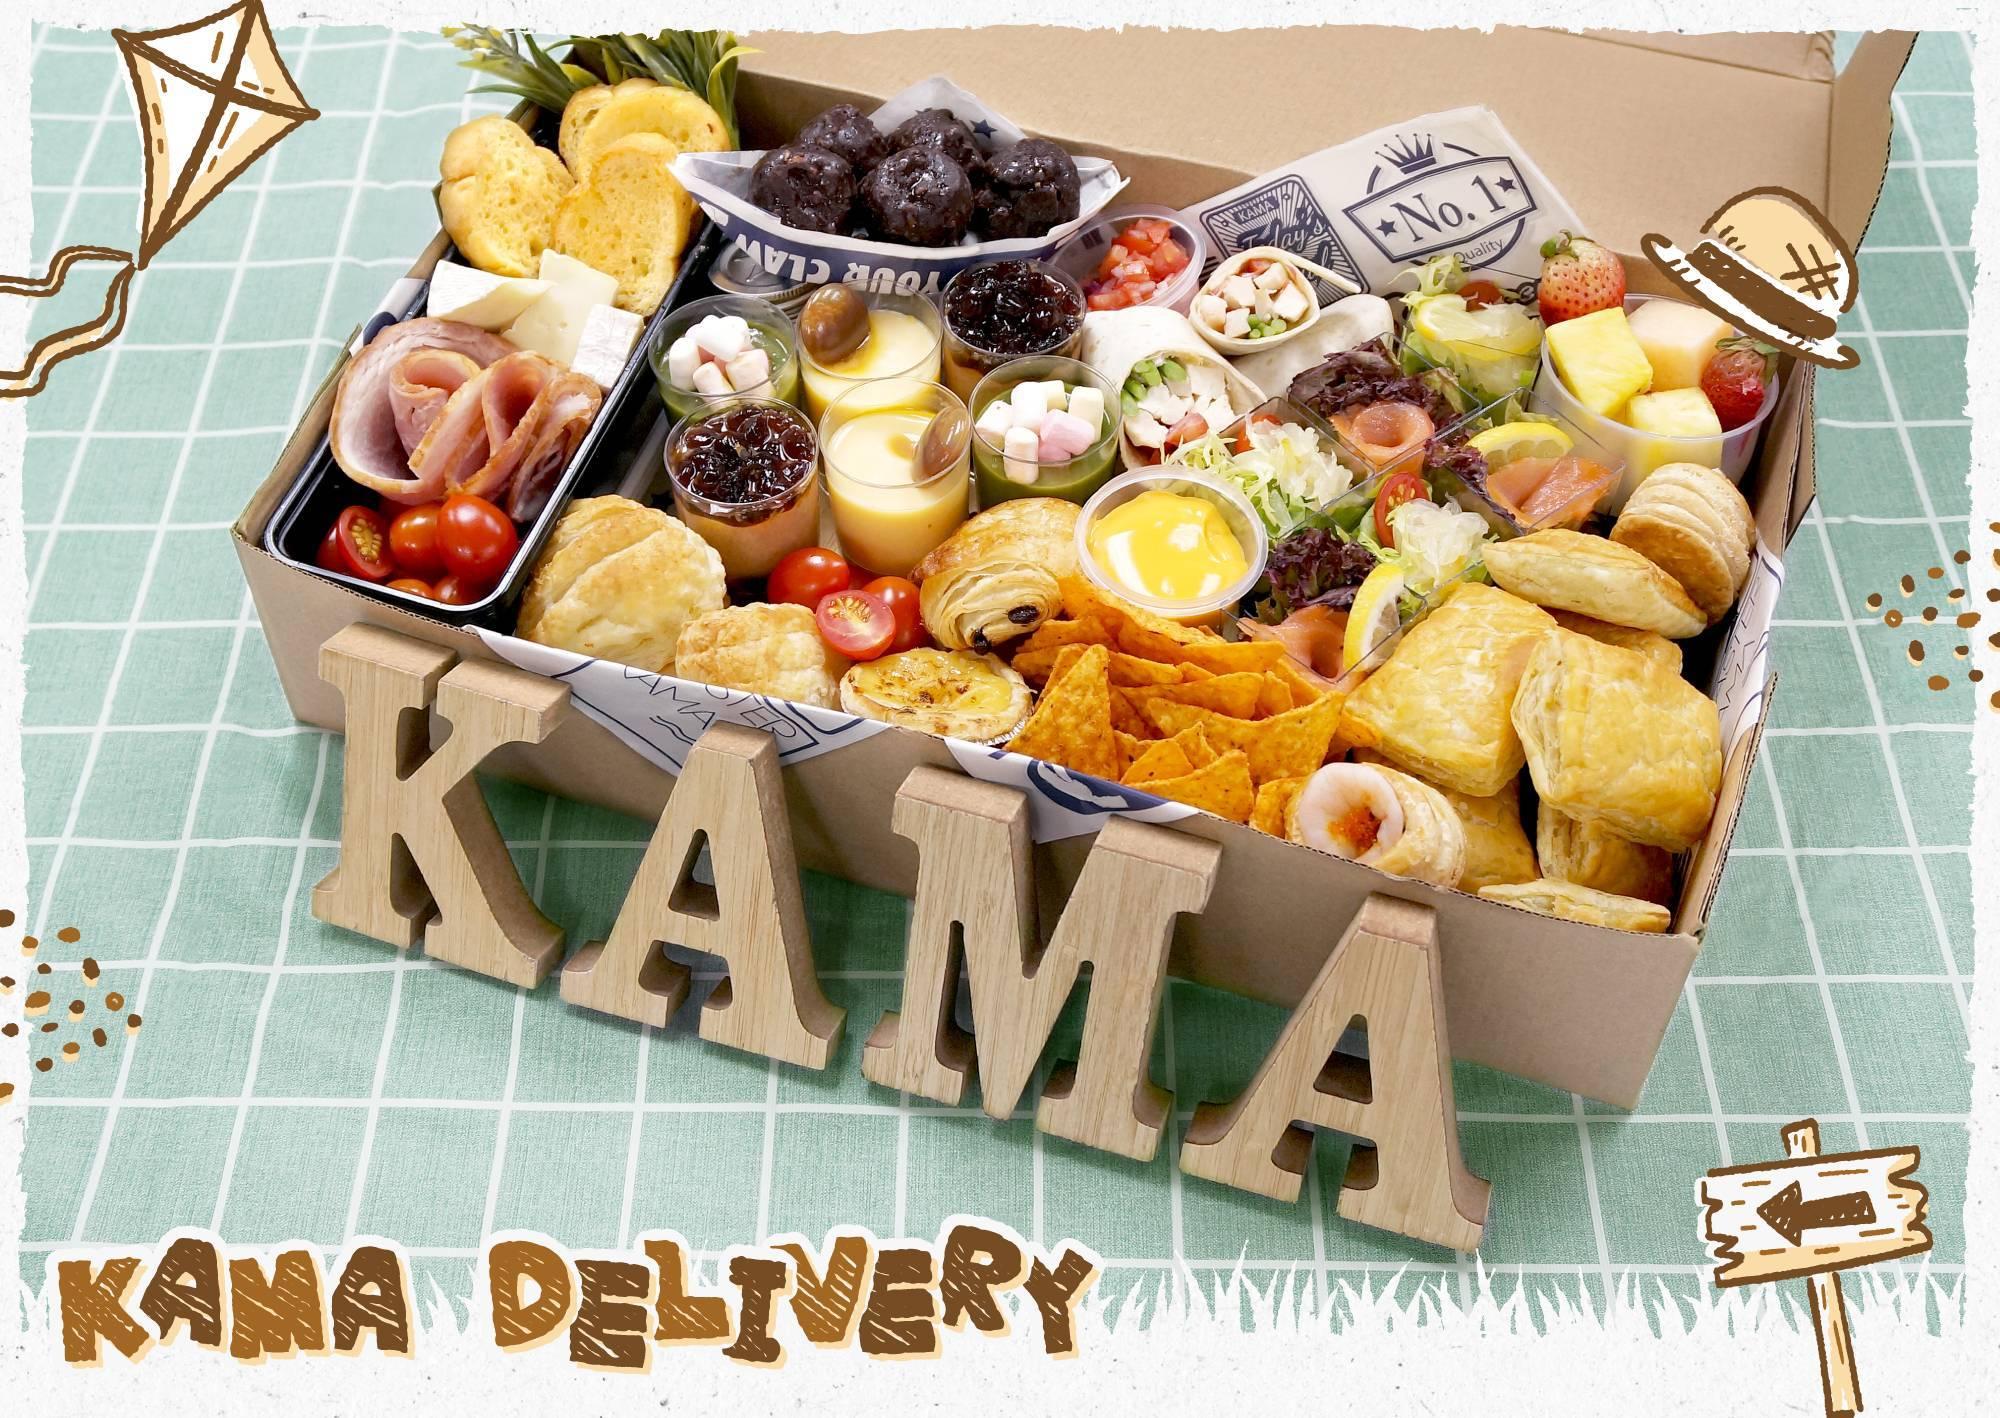 Kama Delivery親民到會推介|專門炮製平價抵食外賣套餐,滿足不同派對、宴會、大食會的需求!